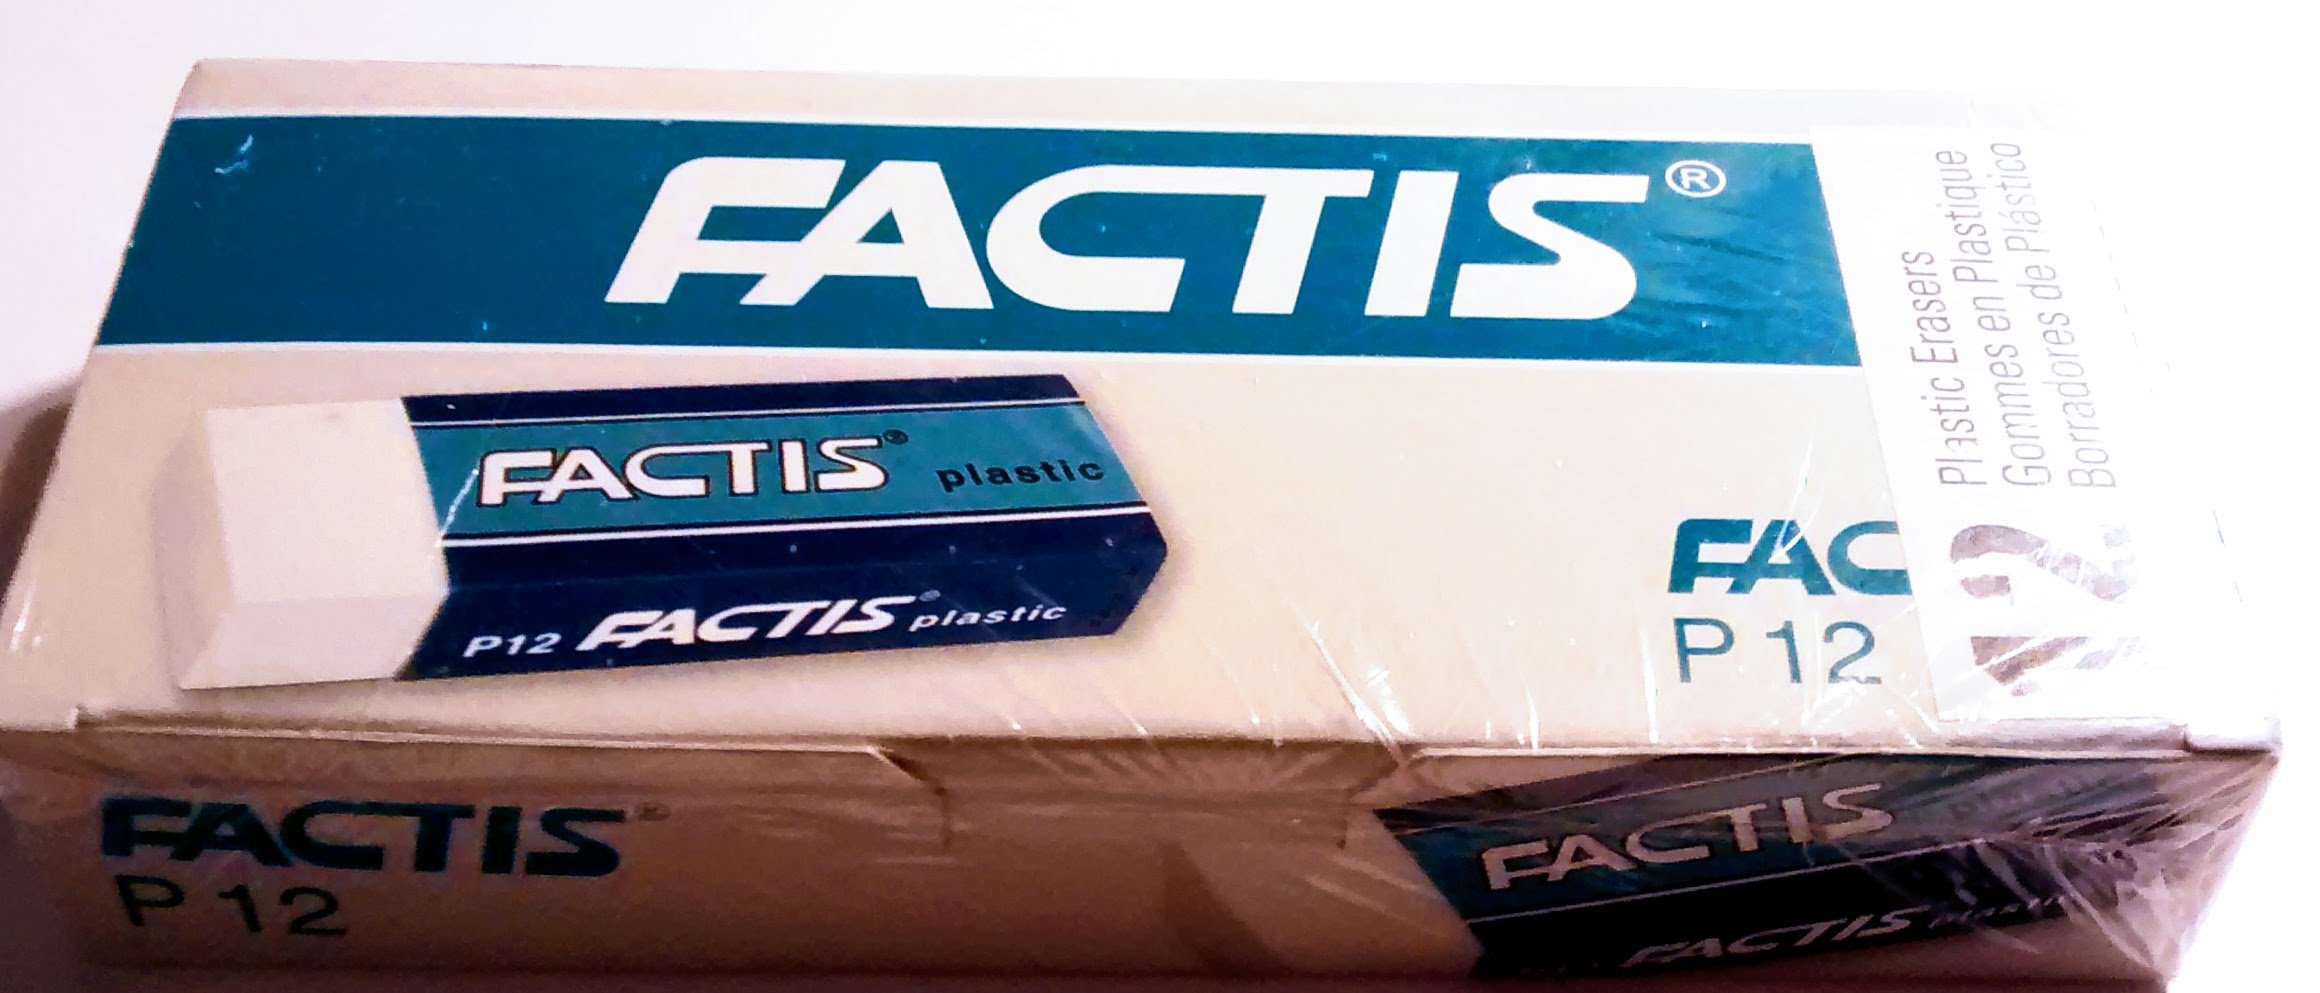 Factis plastic erasers, 12 count